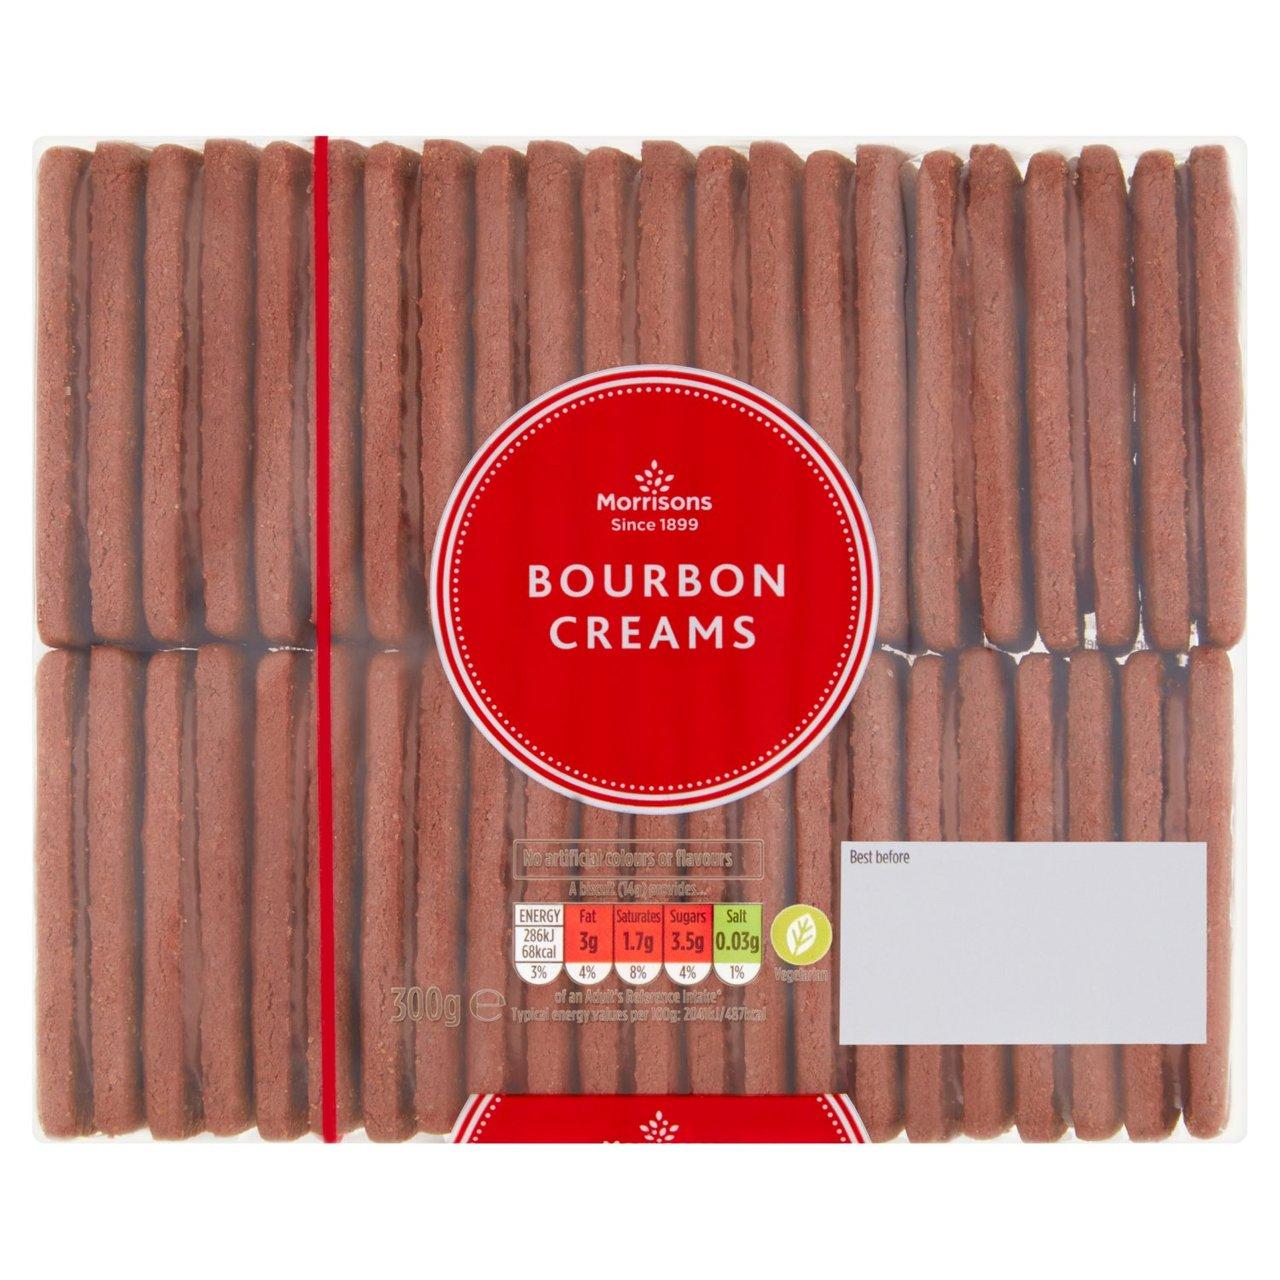 Morrisons Bourbon Creams Biscuits 300g - 35p @ Morrisons